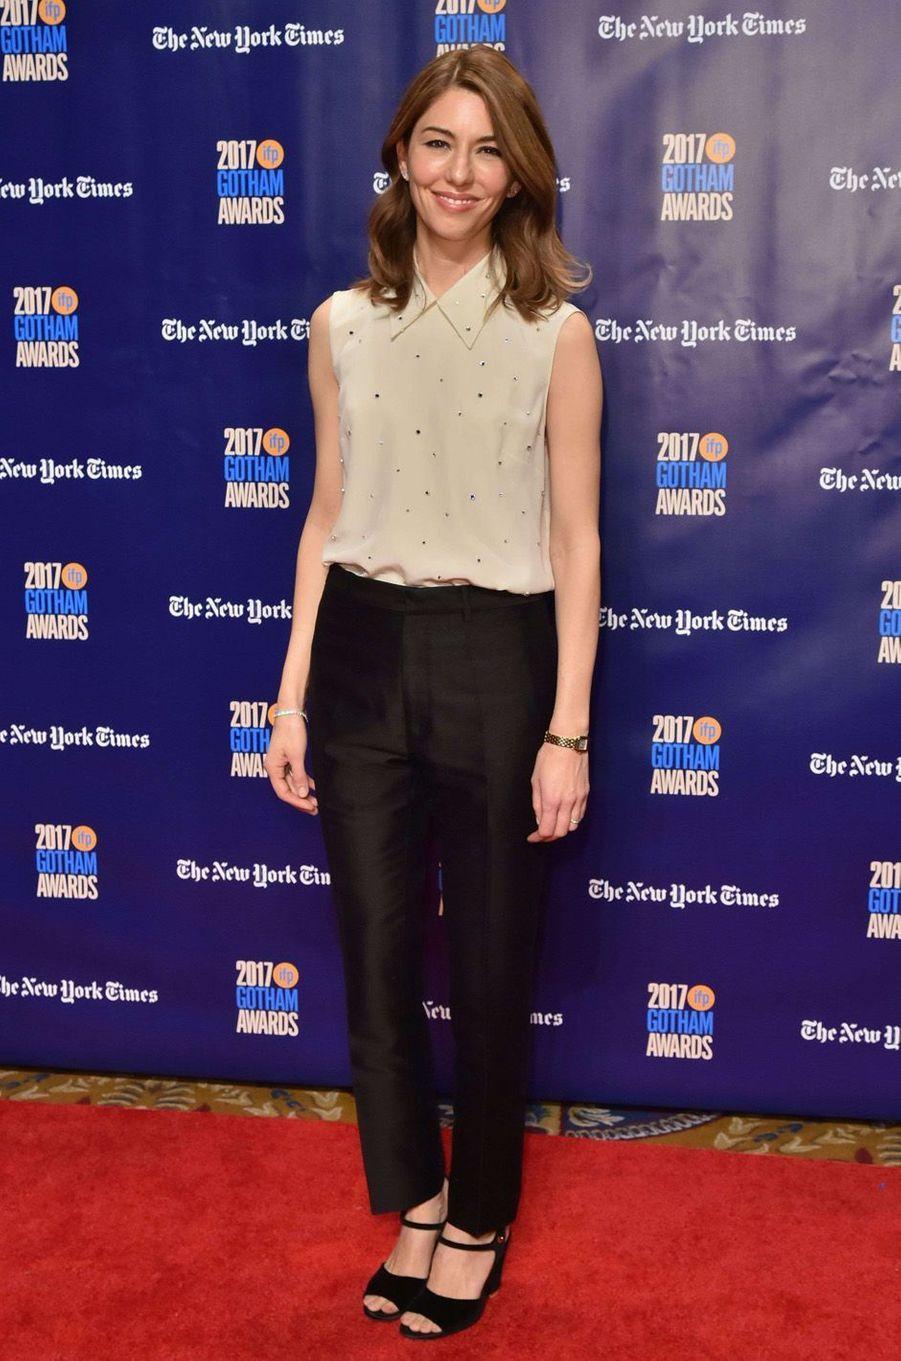 Sofia Coppolaà la soirée des Gotham Awards, à New York le 27 novembre 2017.